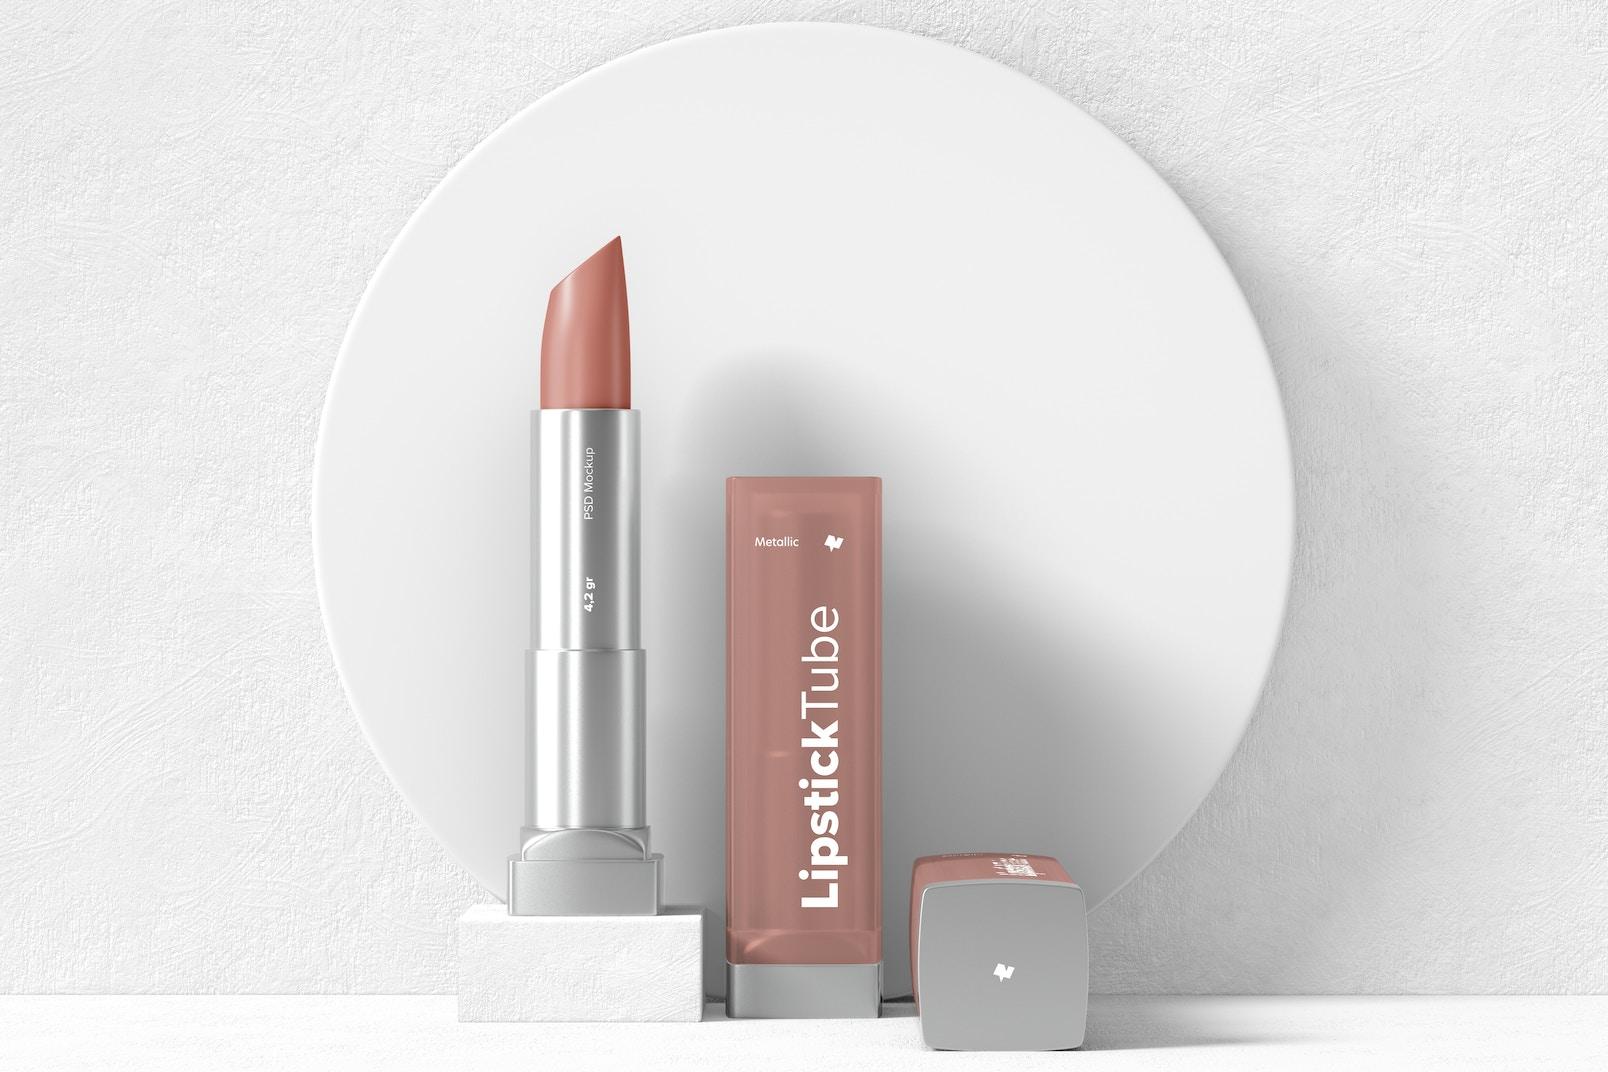 Metallic Lipstick Tubes Mockup